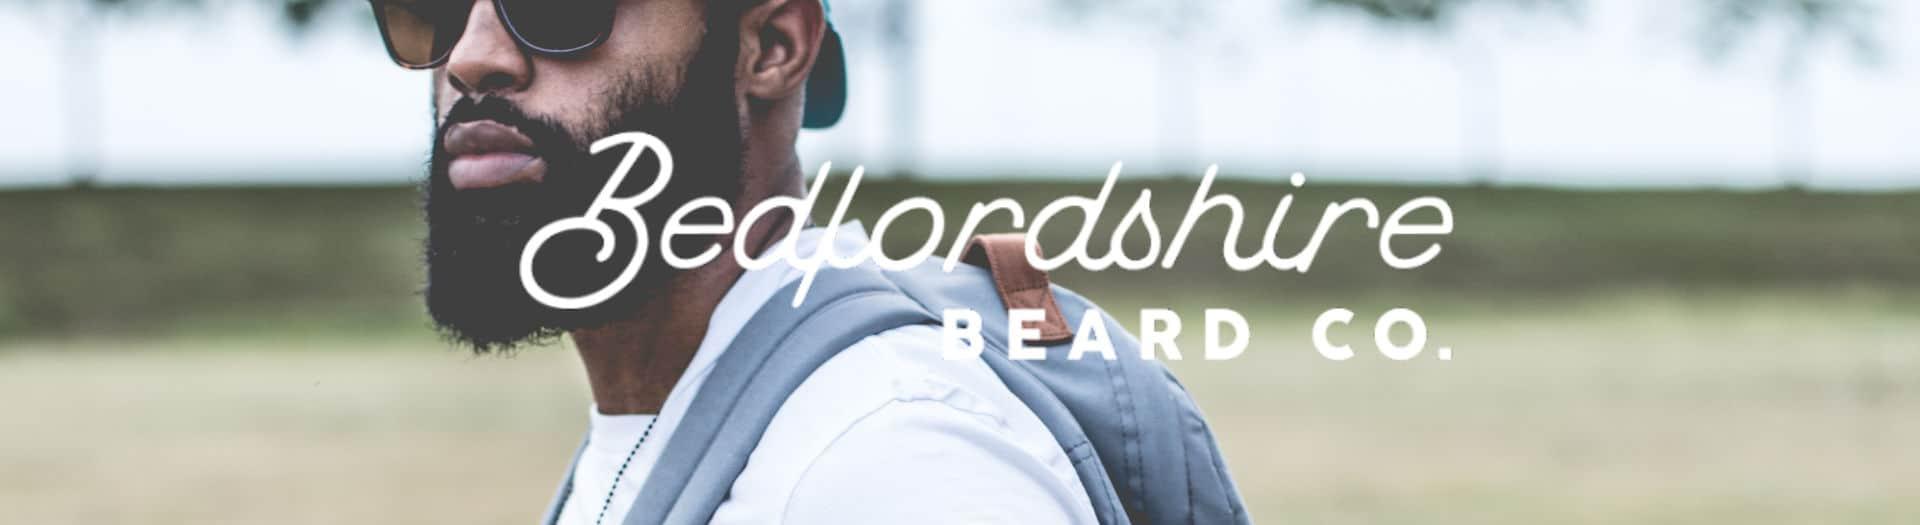 1920x525 BedBeardCo Logo header